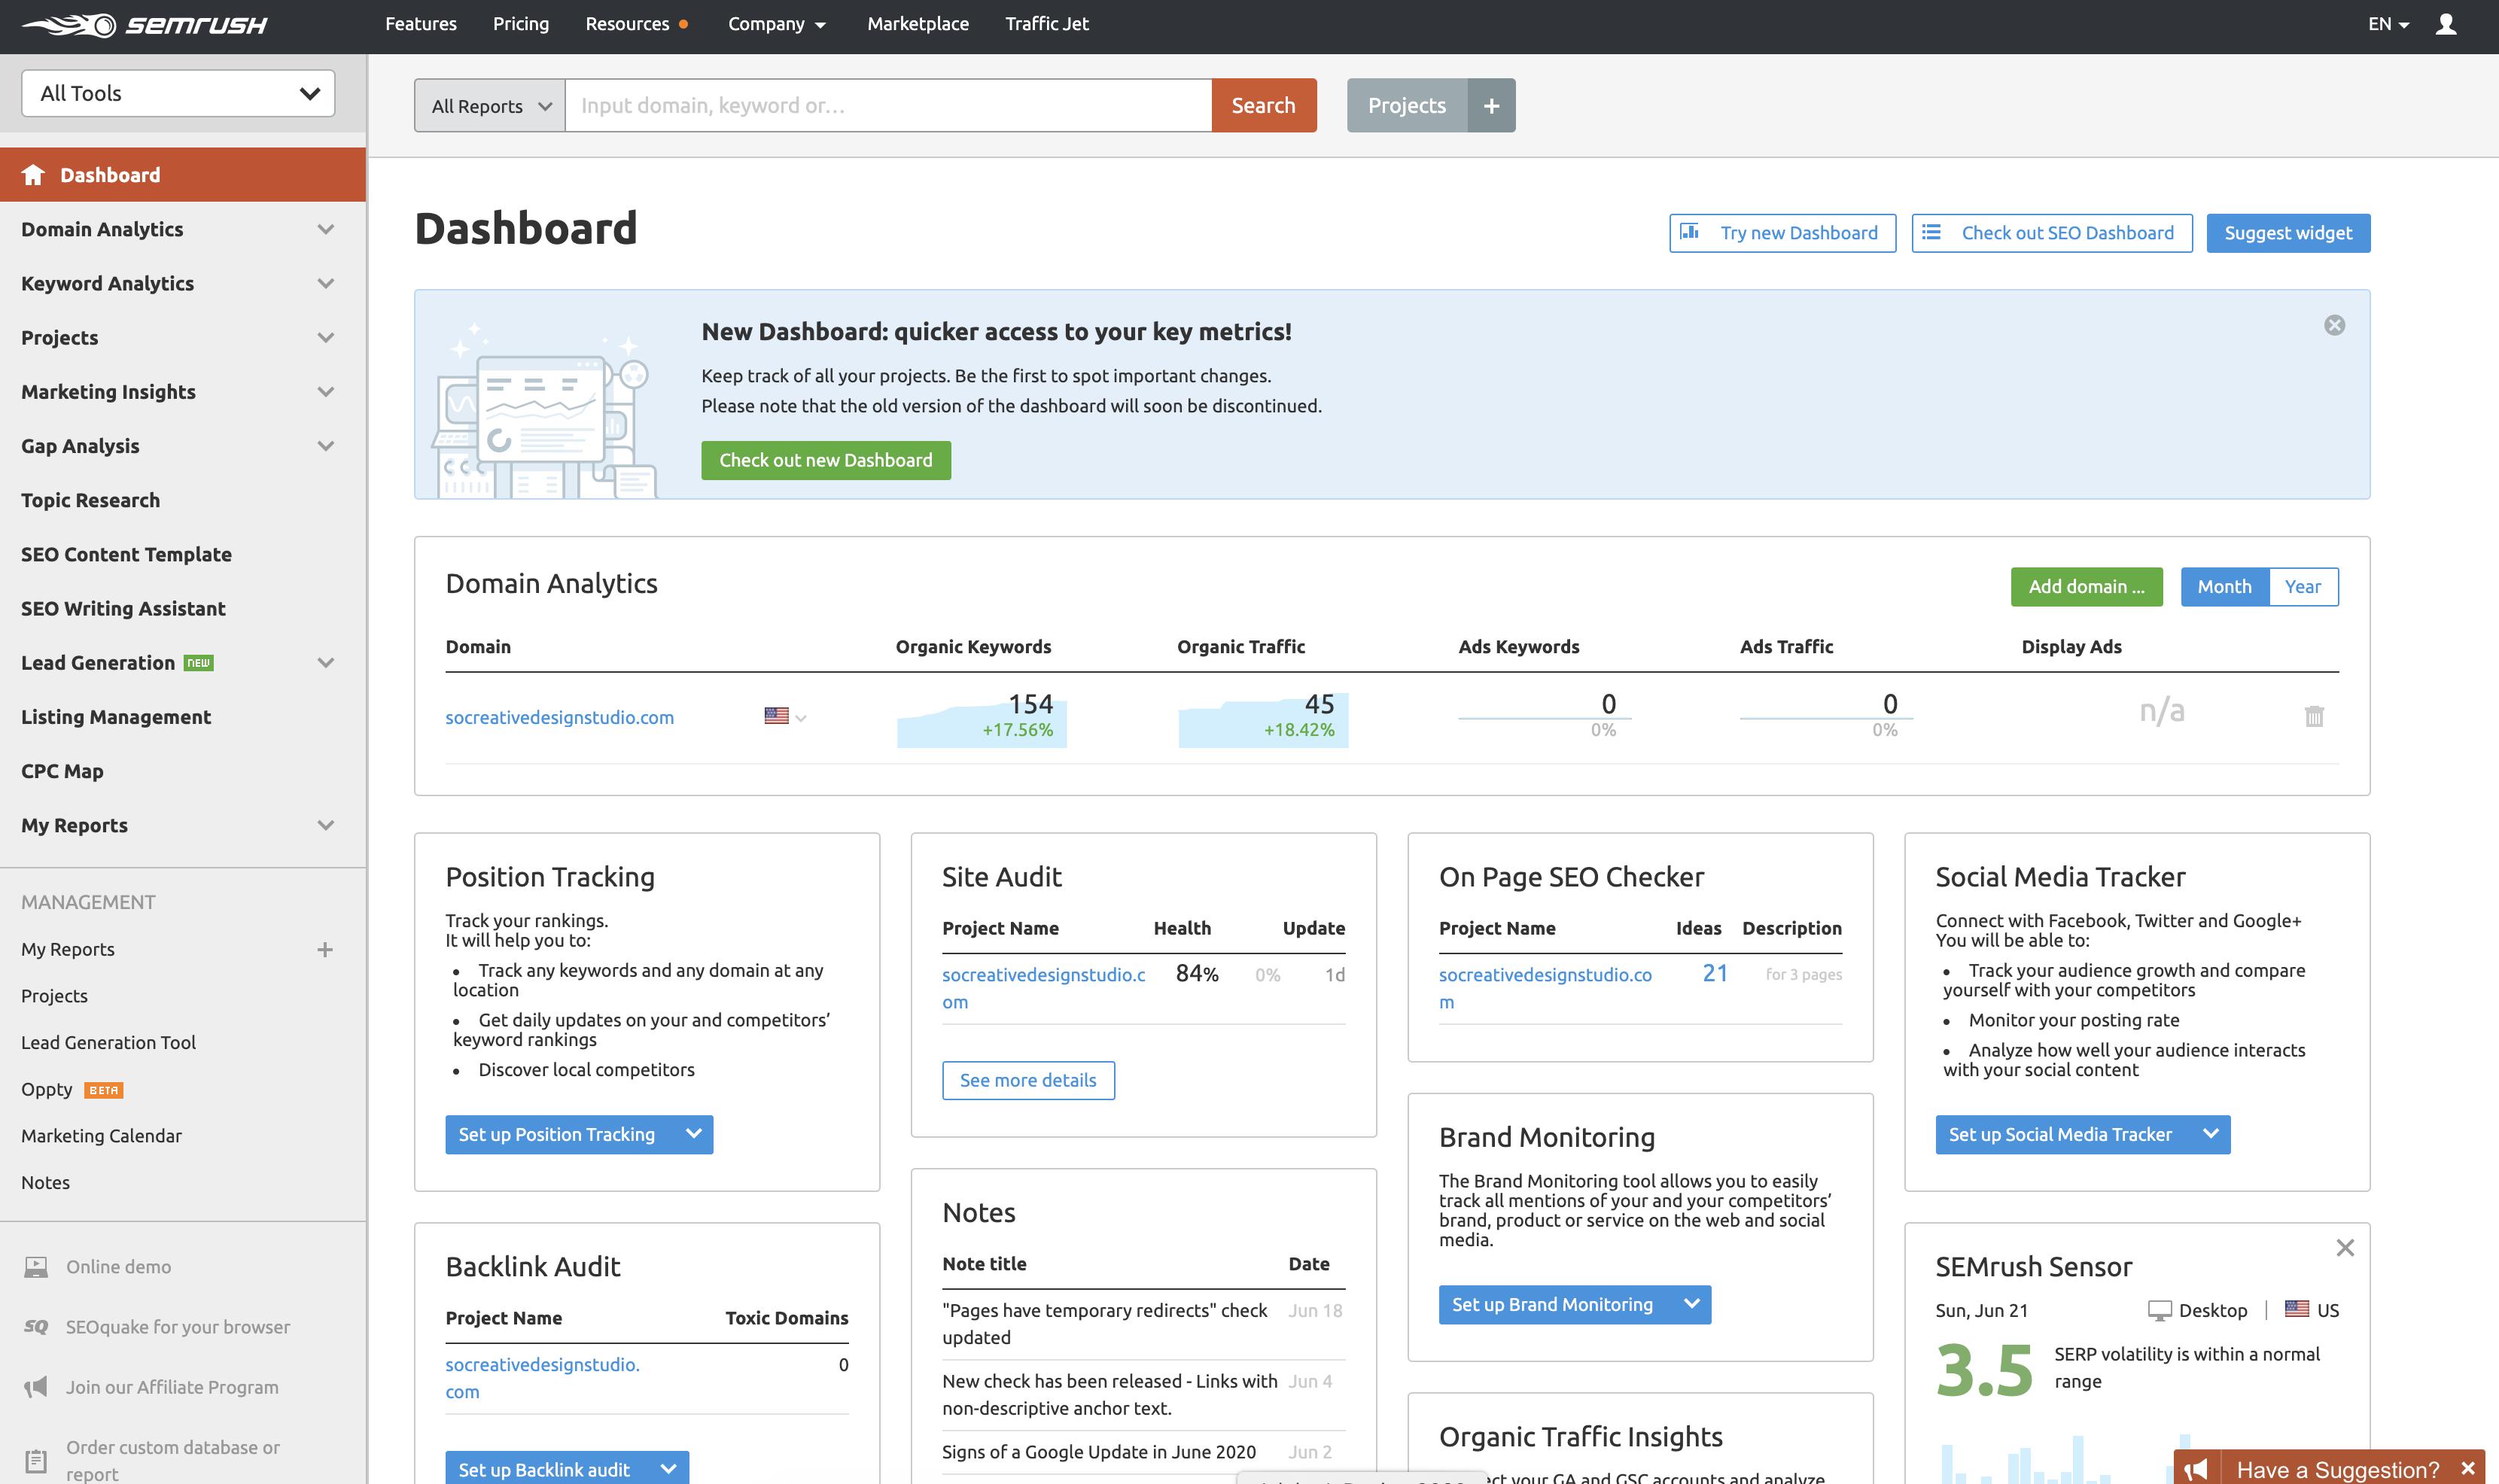 semrush content creation tools